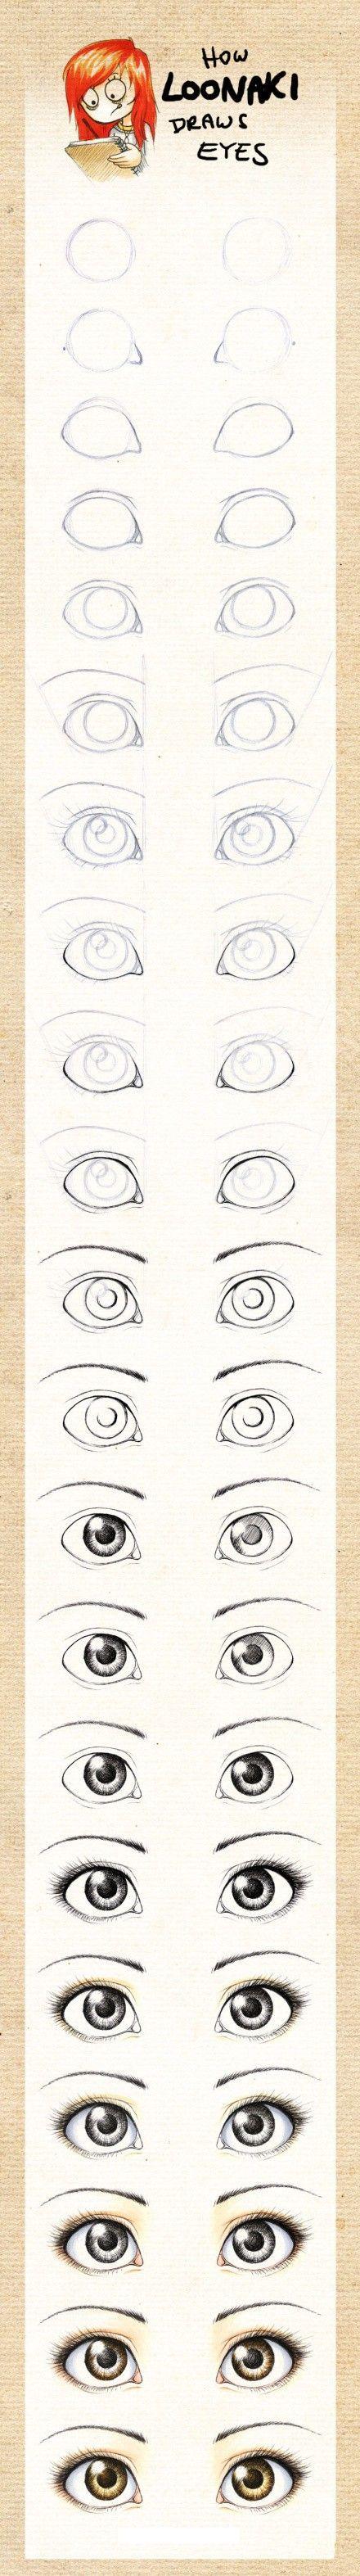 Como fazer olhos